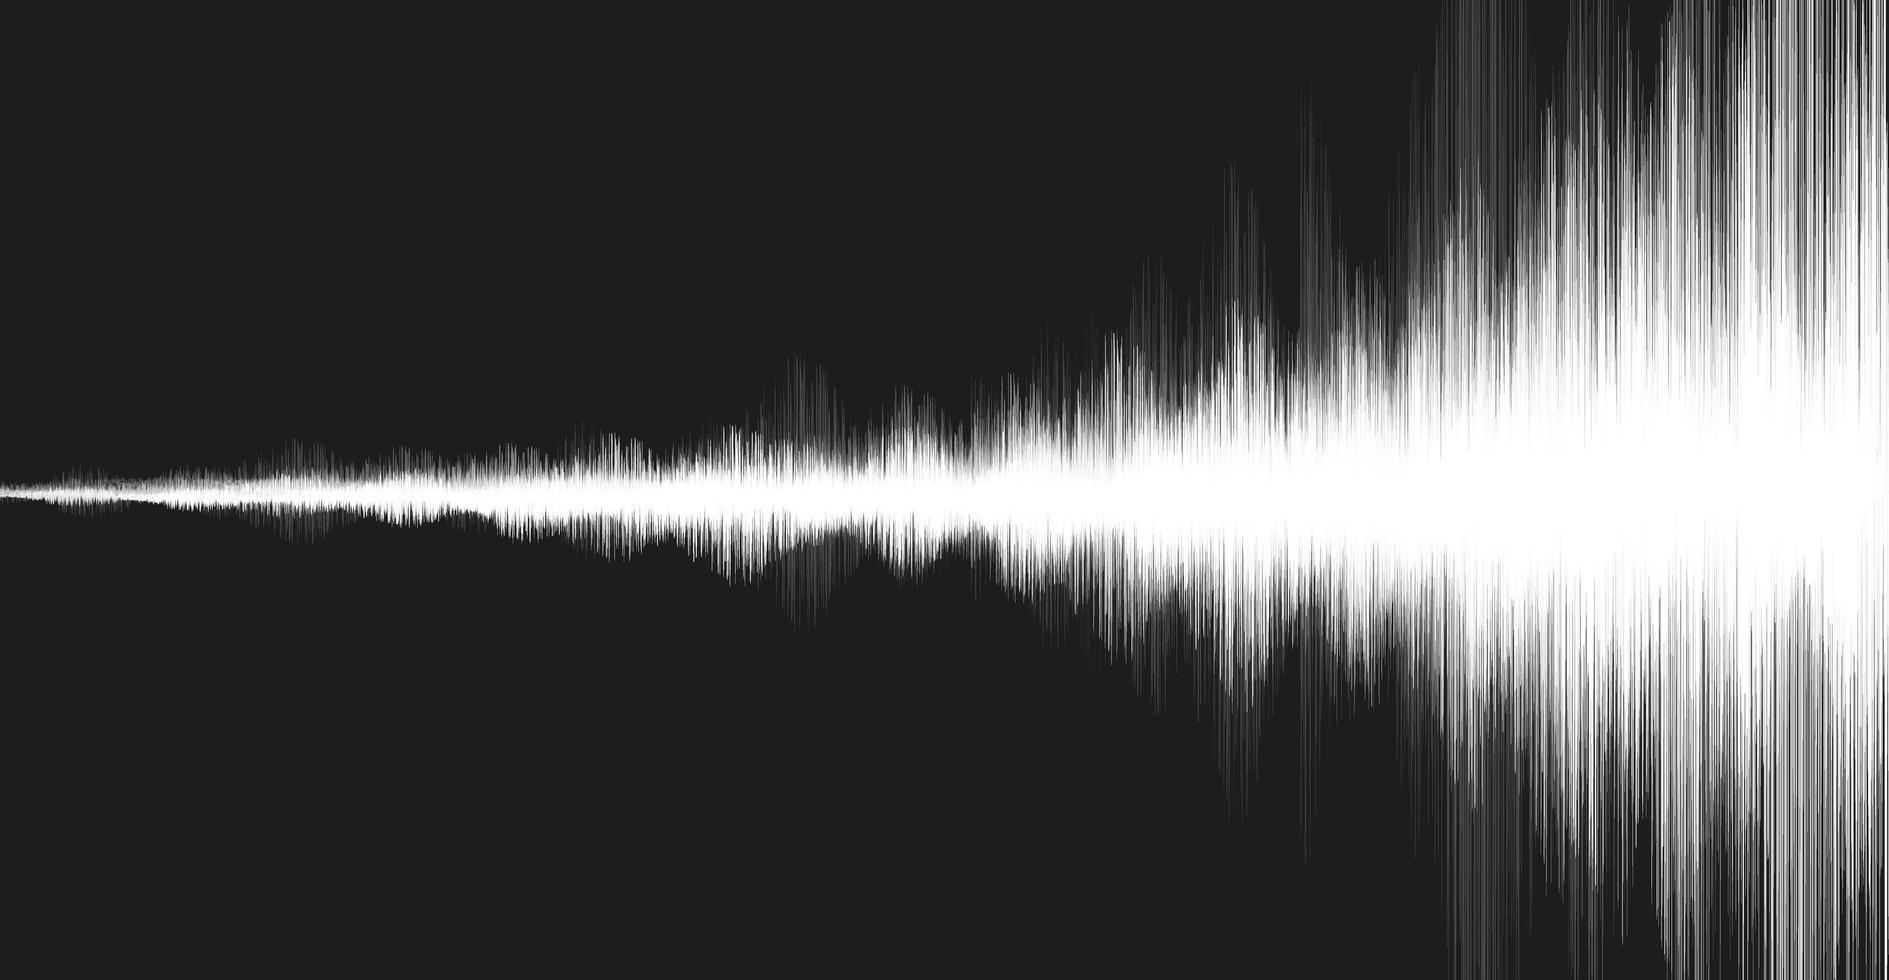 Onda de terremoto blanco sobre fondo negro, concepto de diagrama de onda de audio vector